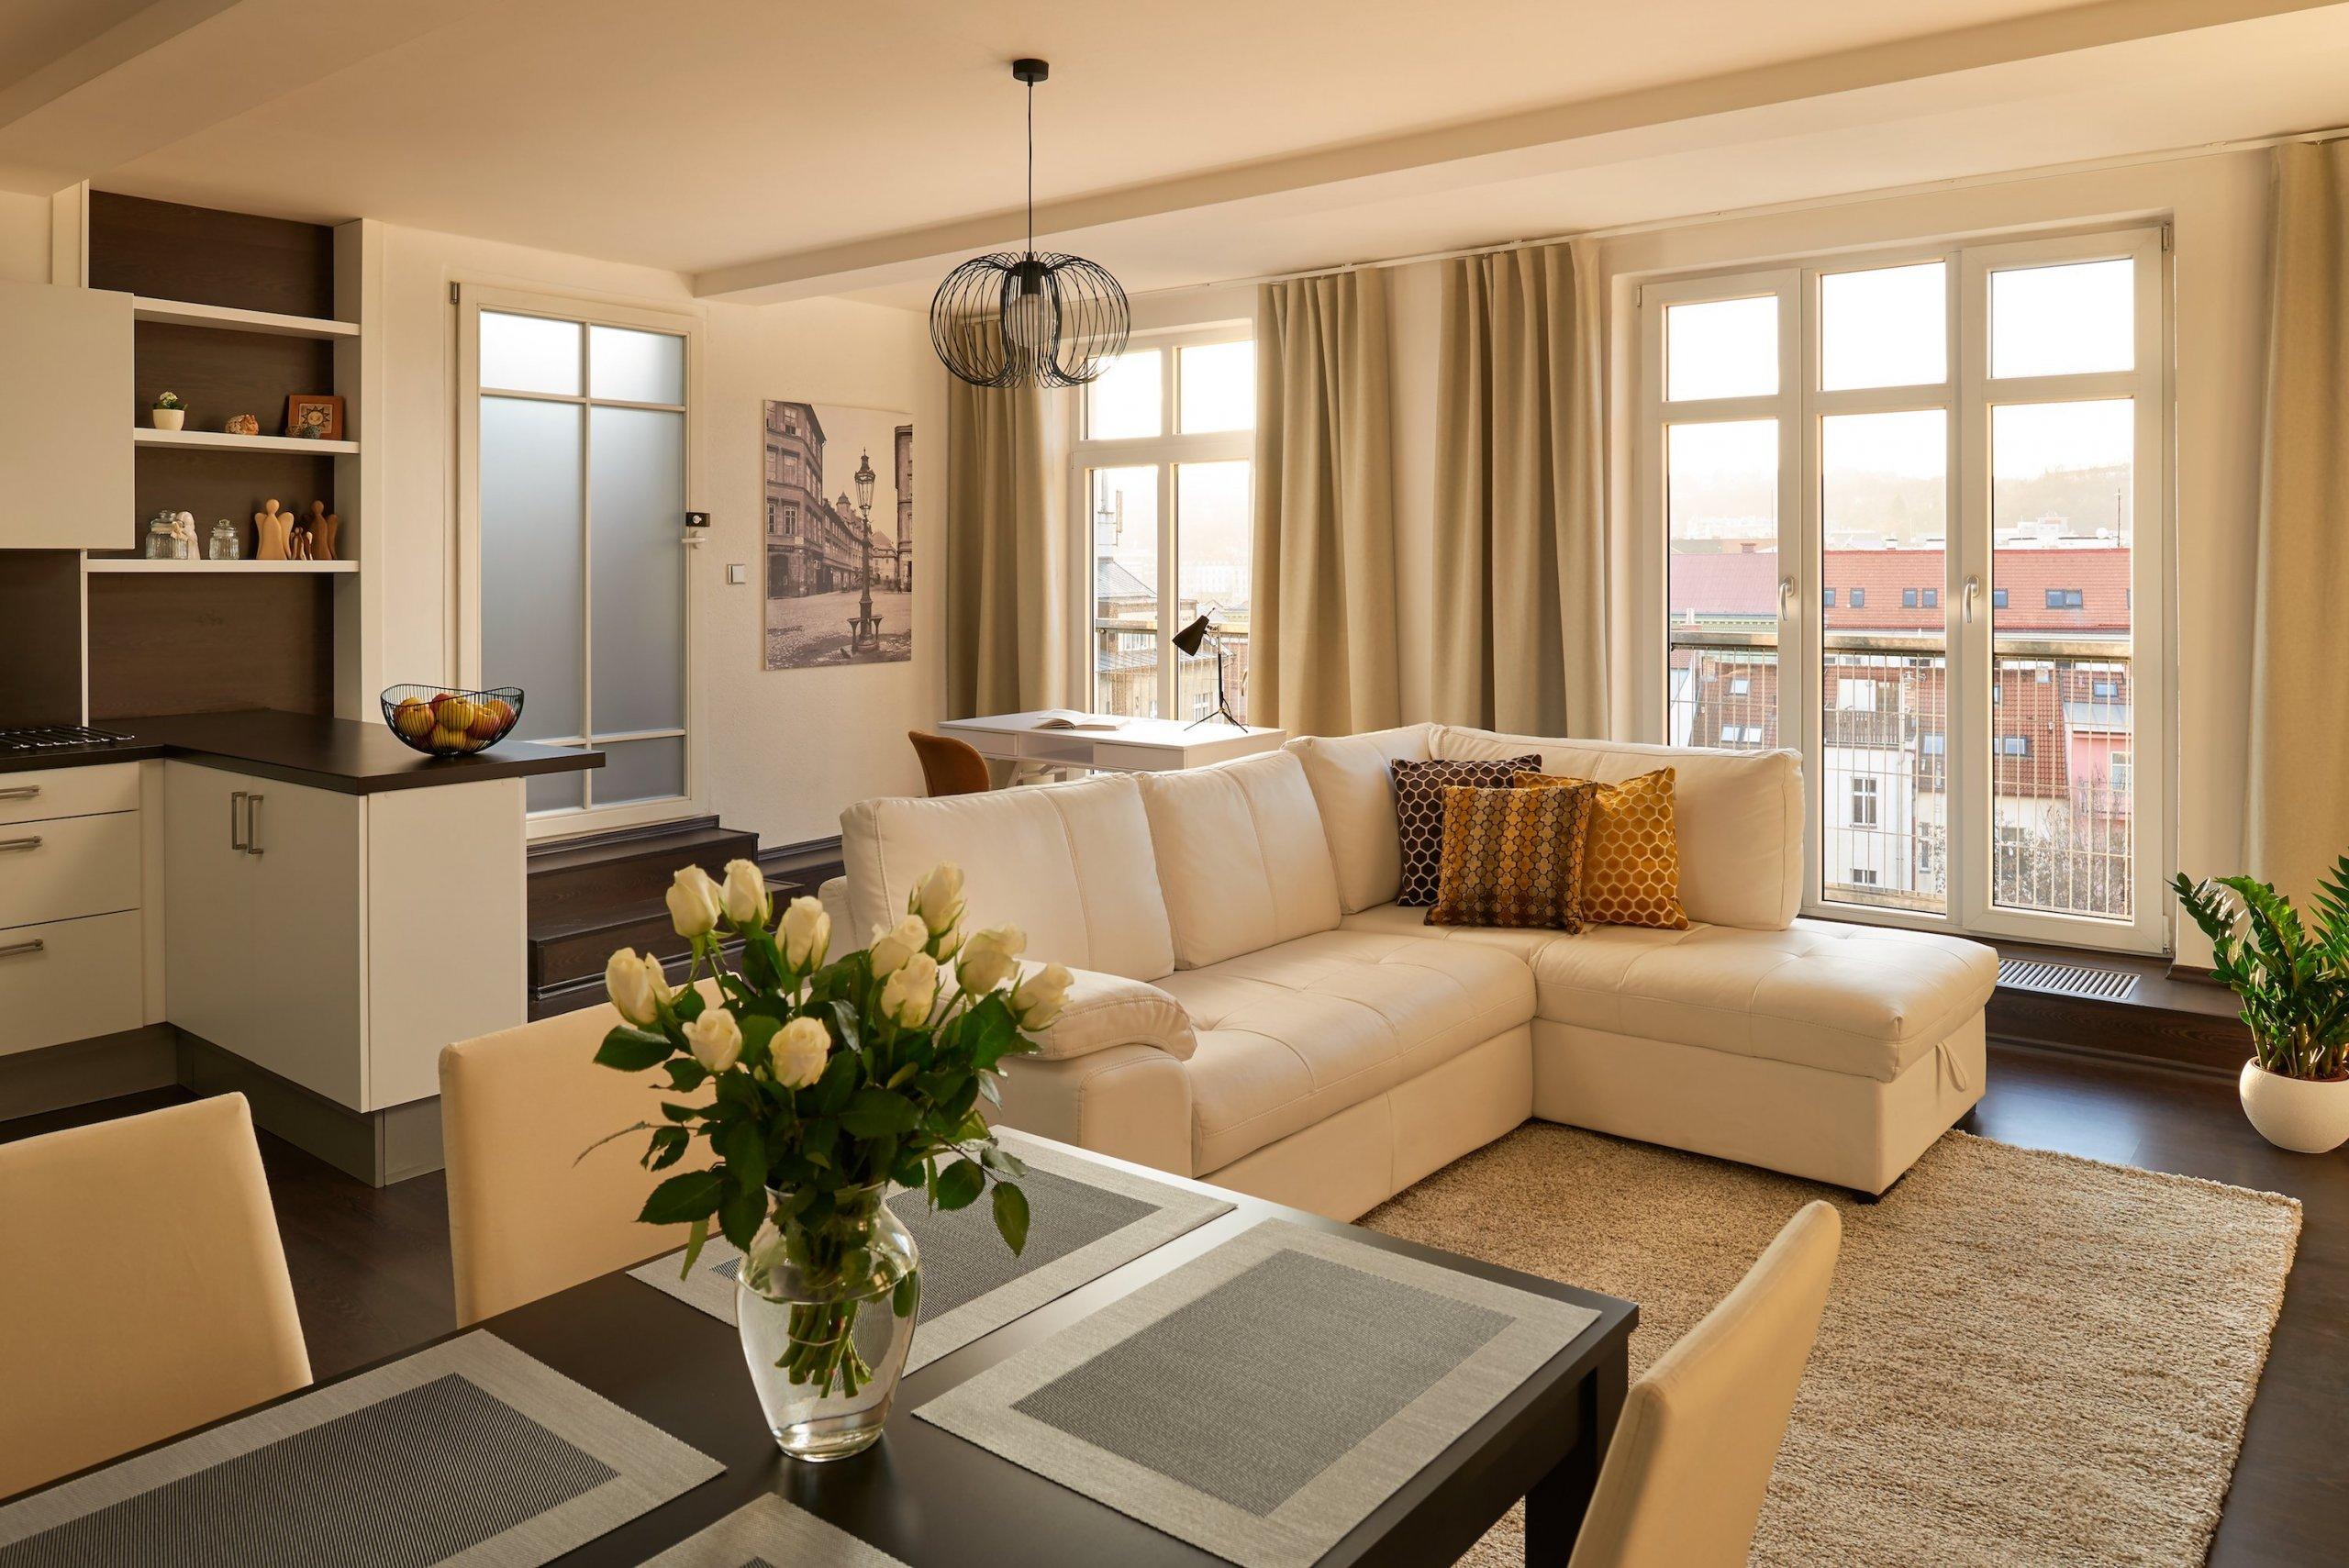 Přáním klienta bylo vytvořit neutrální, příjemný prostor s domácí atmosférou. Interiérové vybavení bylo potřeba do jisté míry podřídit stávajícímu zařízení …